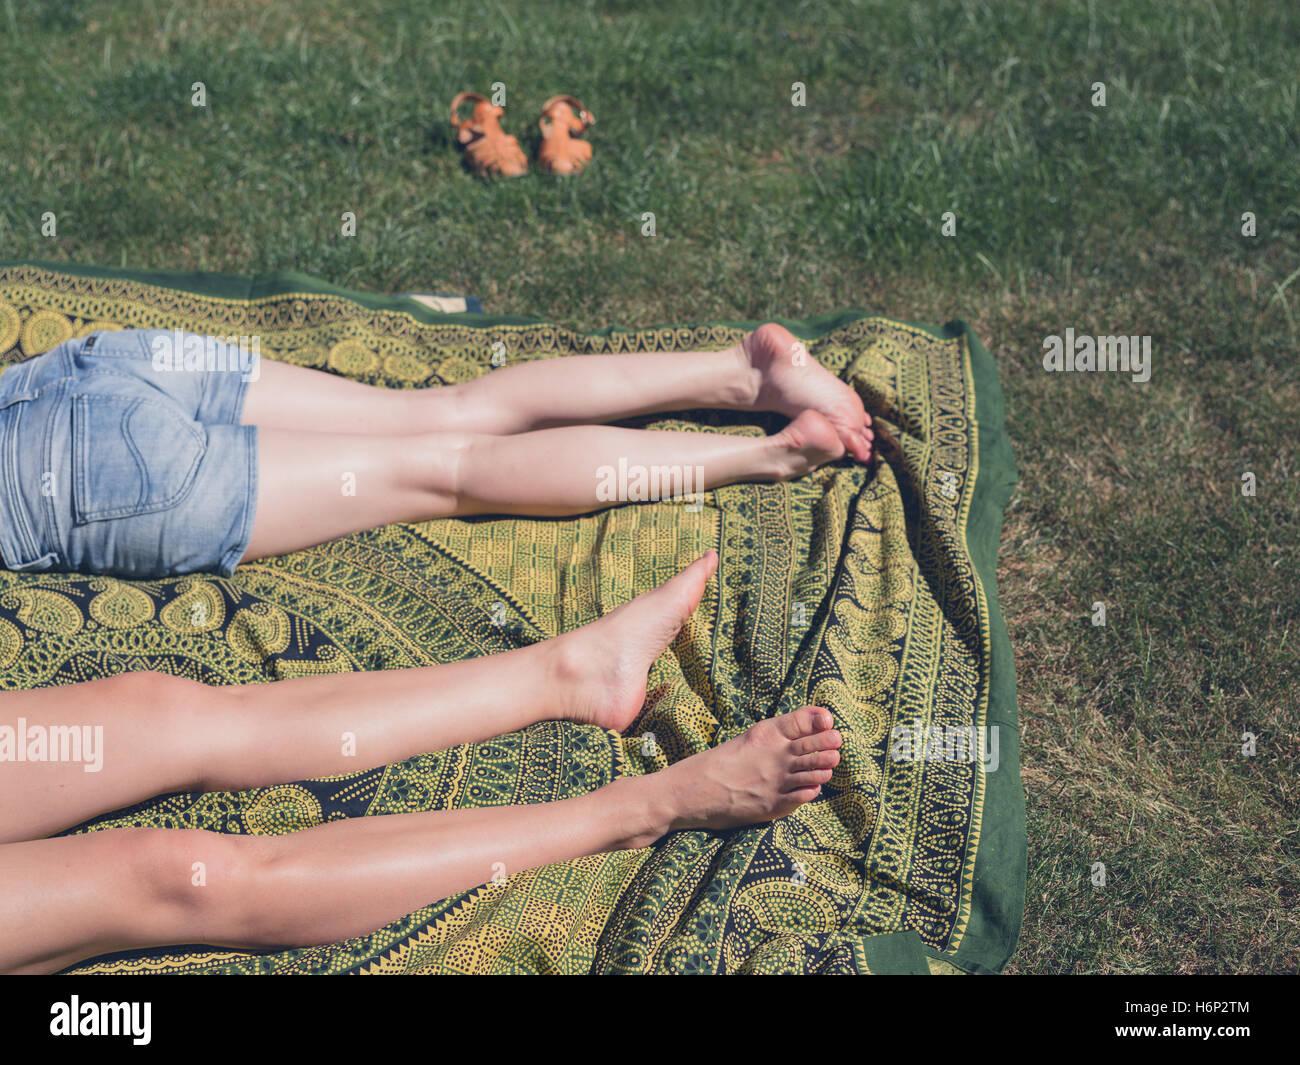 Die Beine der beiden jungen Frauen sind, entspannen Sie sich auf dem Rasen außerhalb an einem sonnigen Tag Stockbild